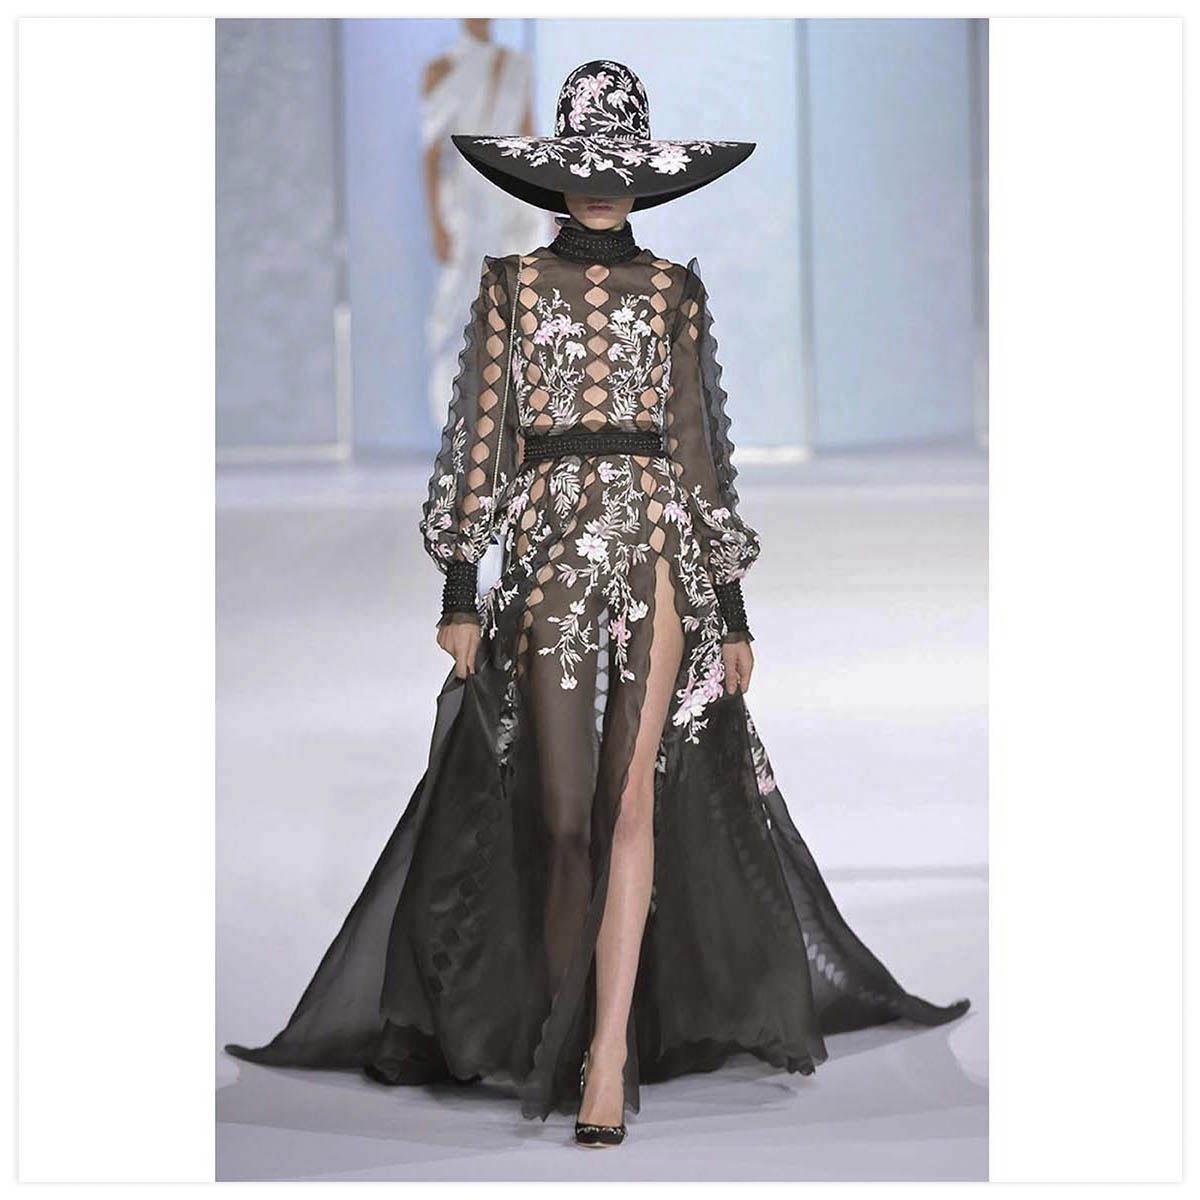 Ralph & Russo Haute-Couture Défilé 2016 Peinture au pincea